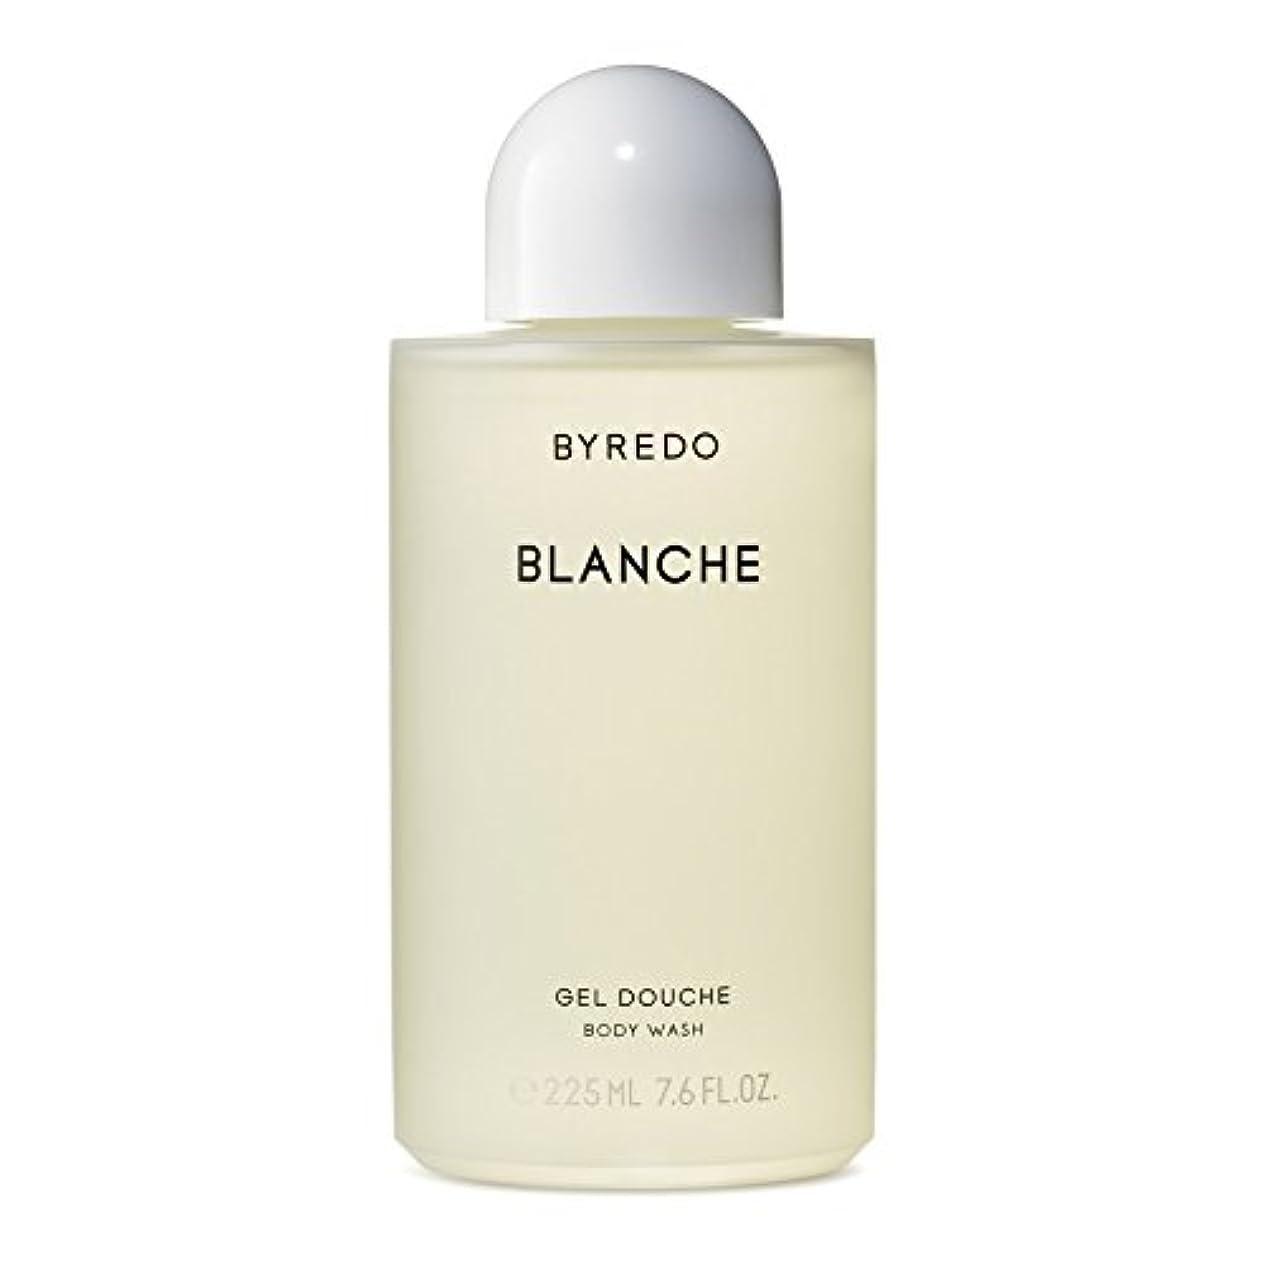 闇ターゲット突進Byredo Blanche Body Wash 225ml - ブランシュボディウォッシュ225ミリリットル [並行輸入品]